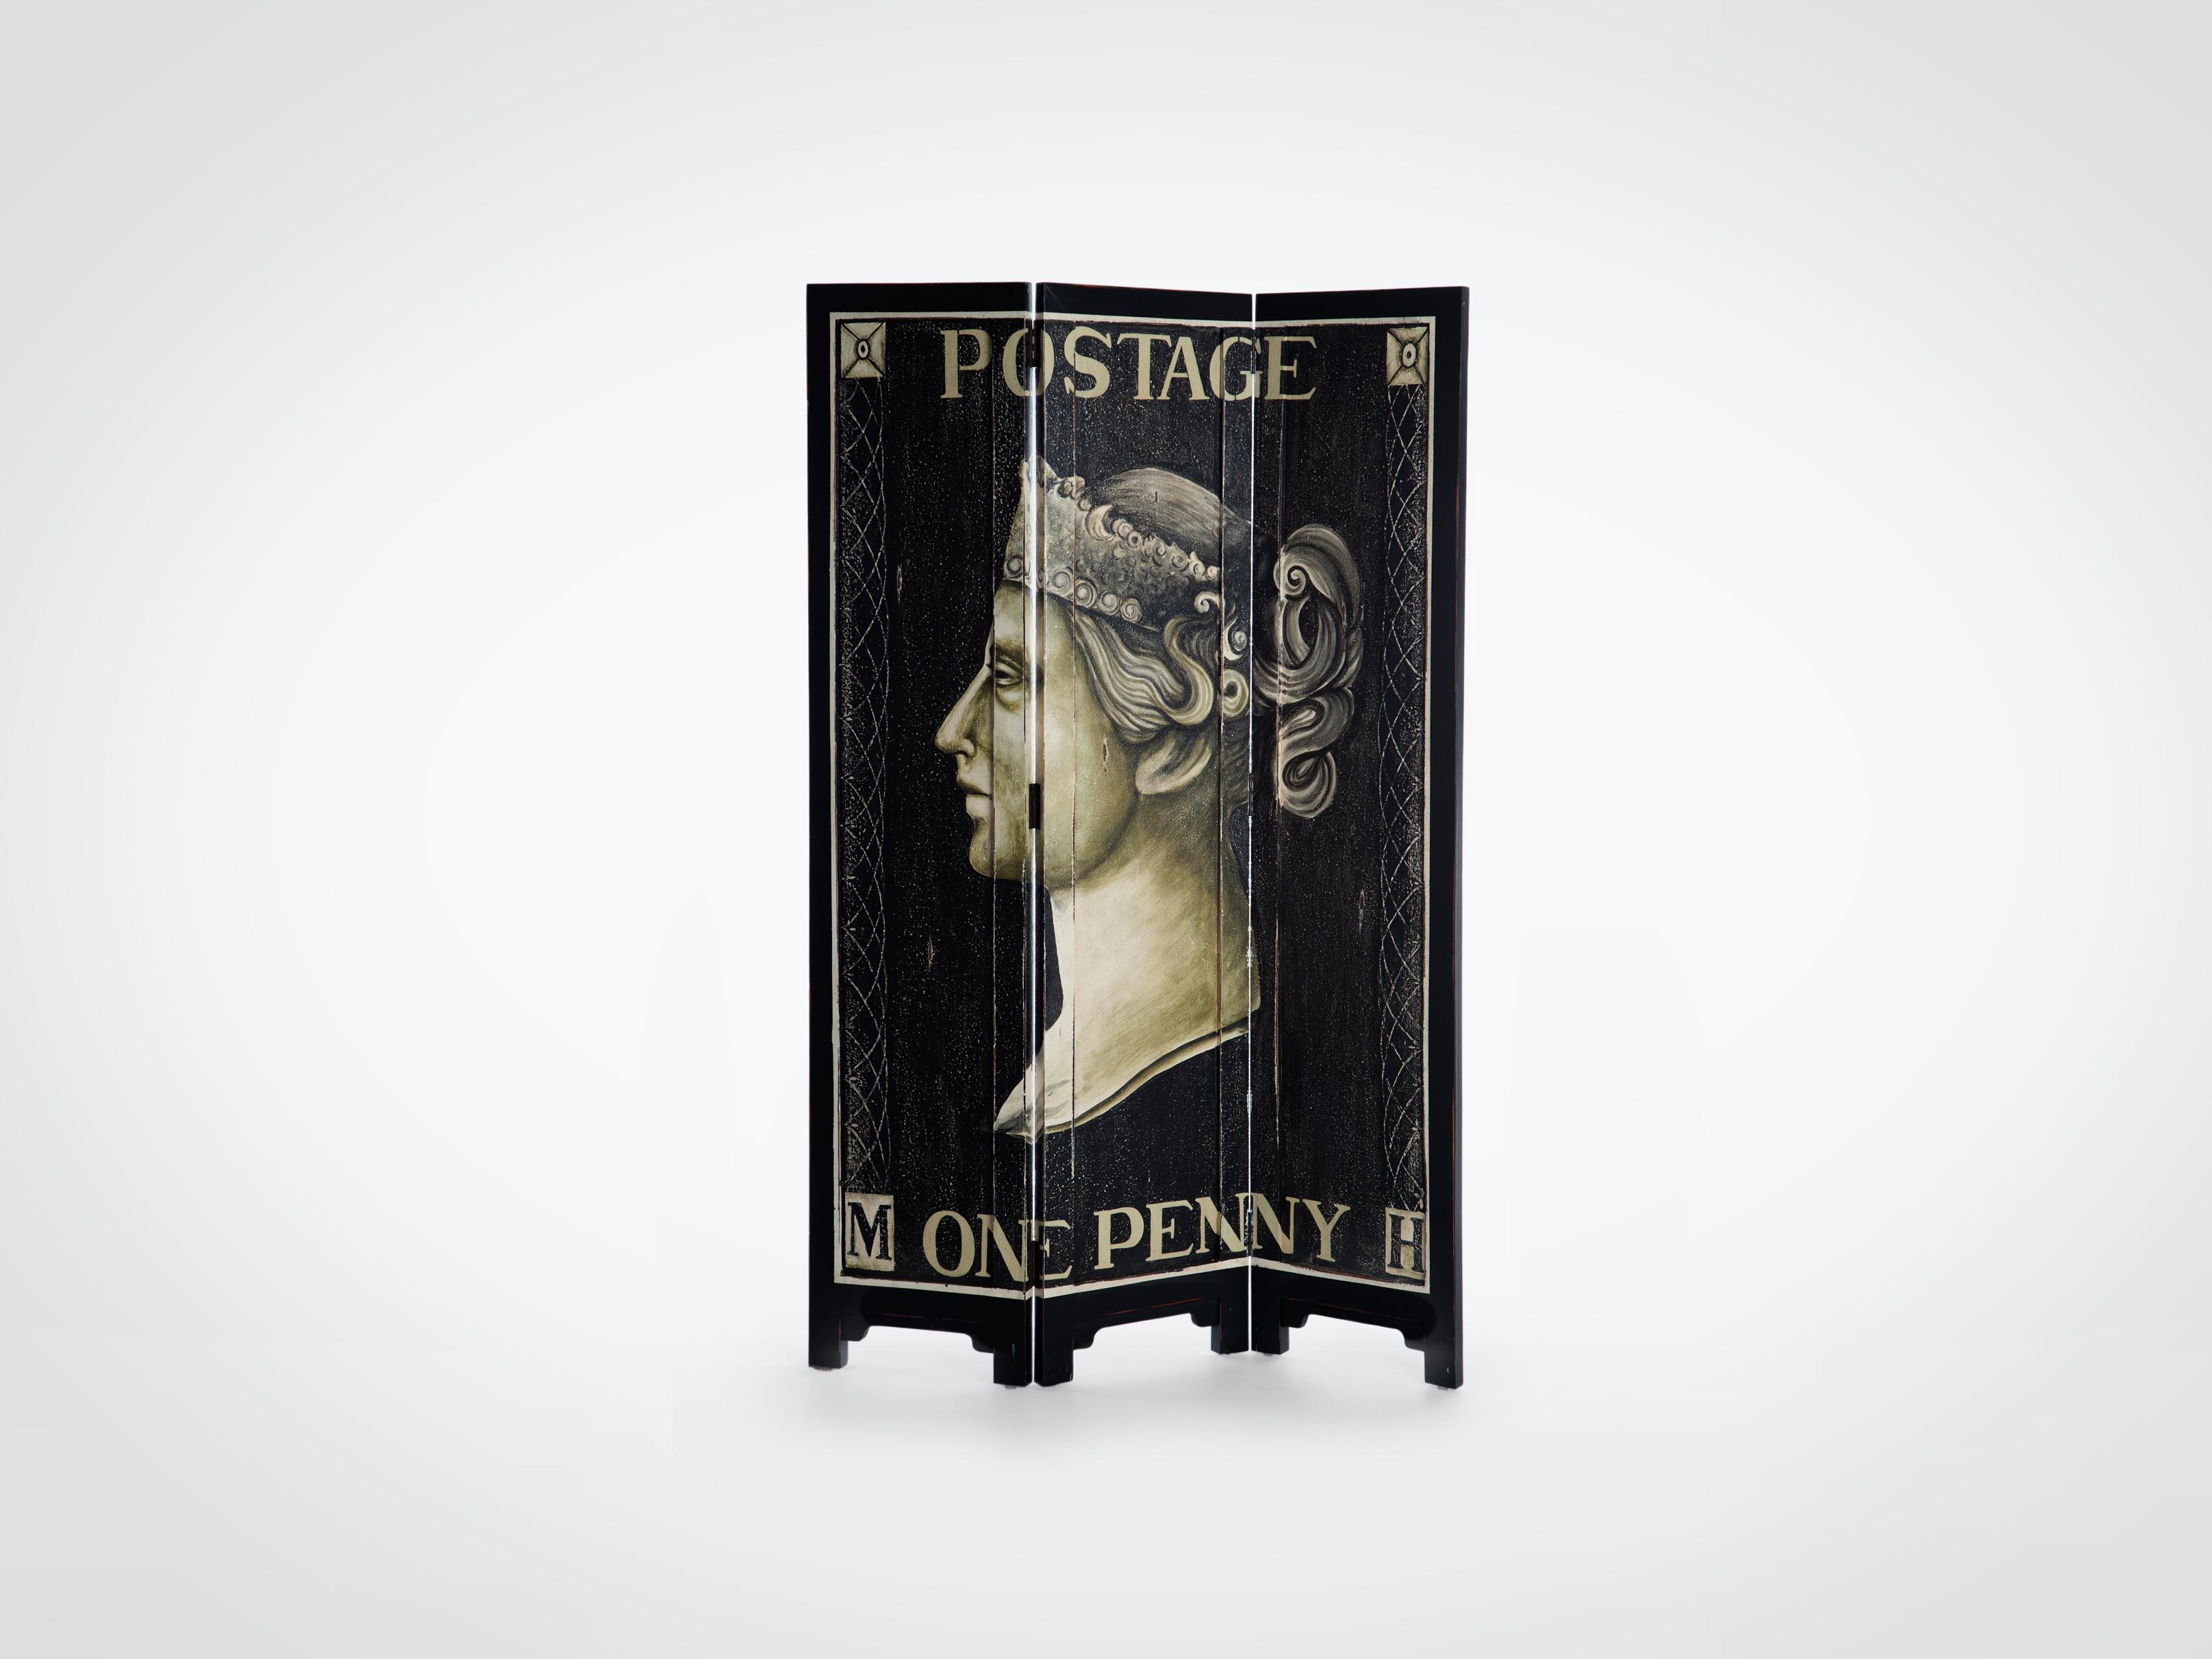 Купить Ширма расписная с изображением первой в истории почтовой марки 183x120x3 см, inmyroom, Индонезия